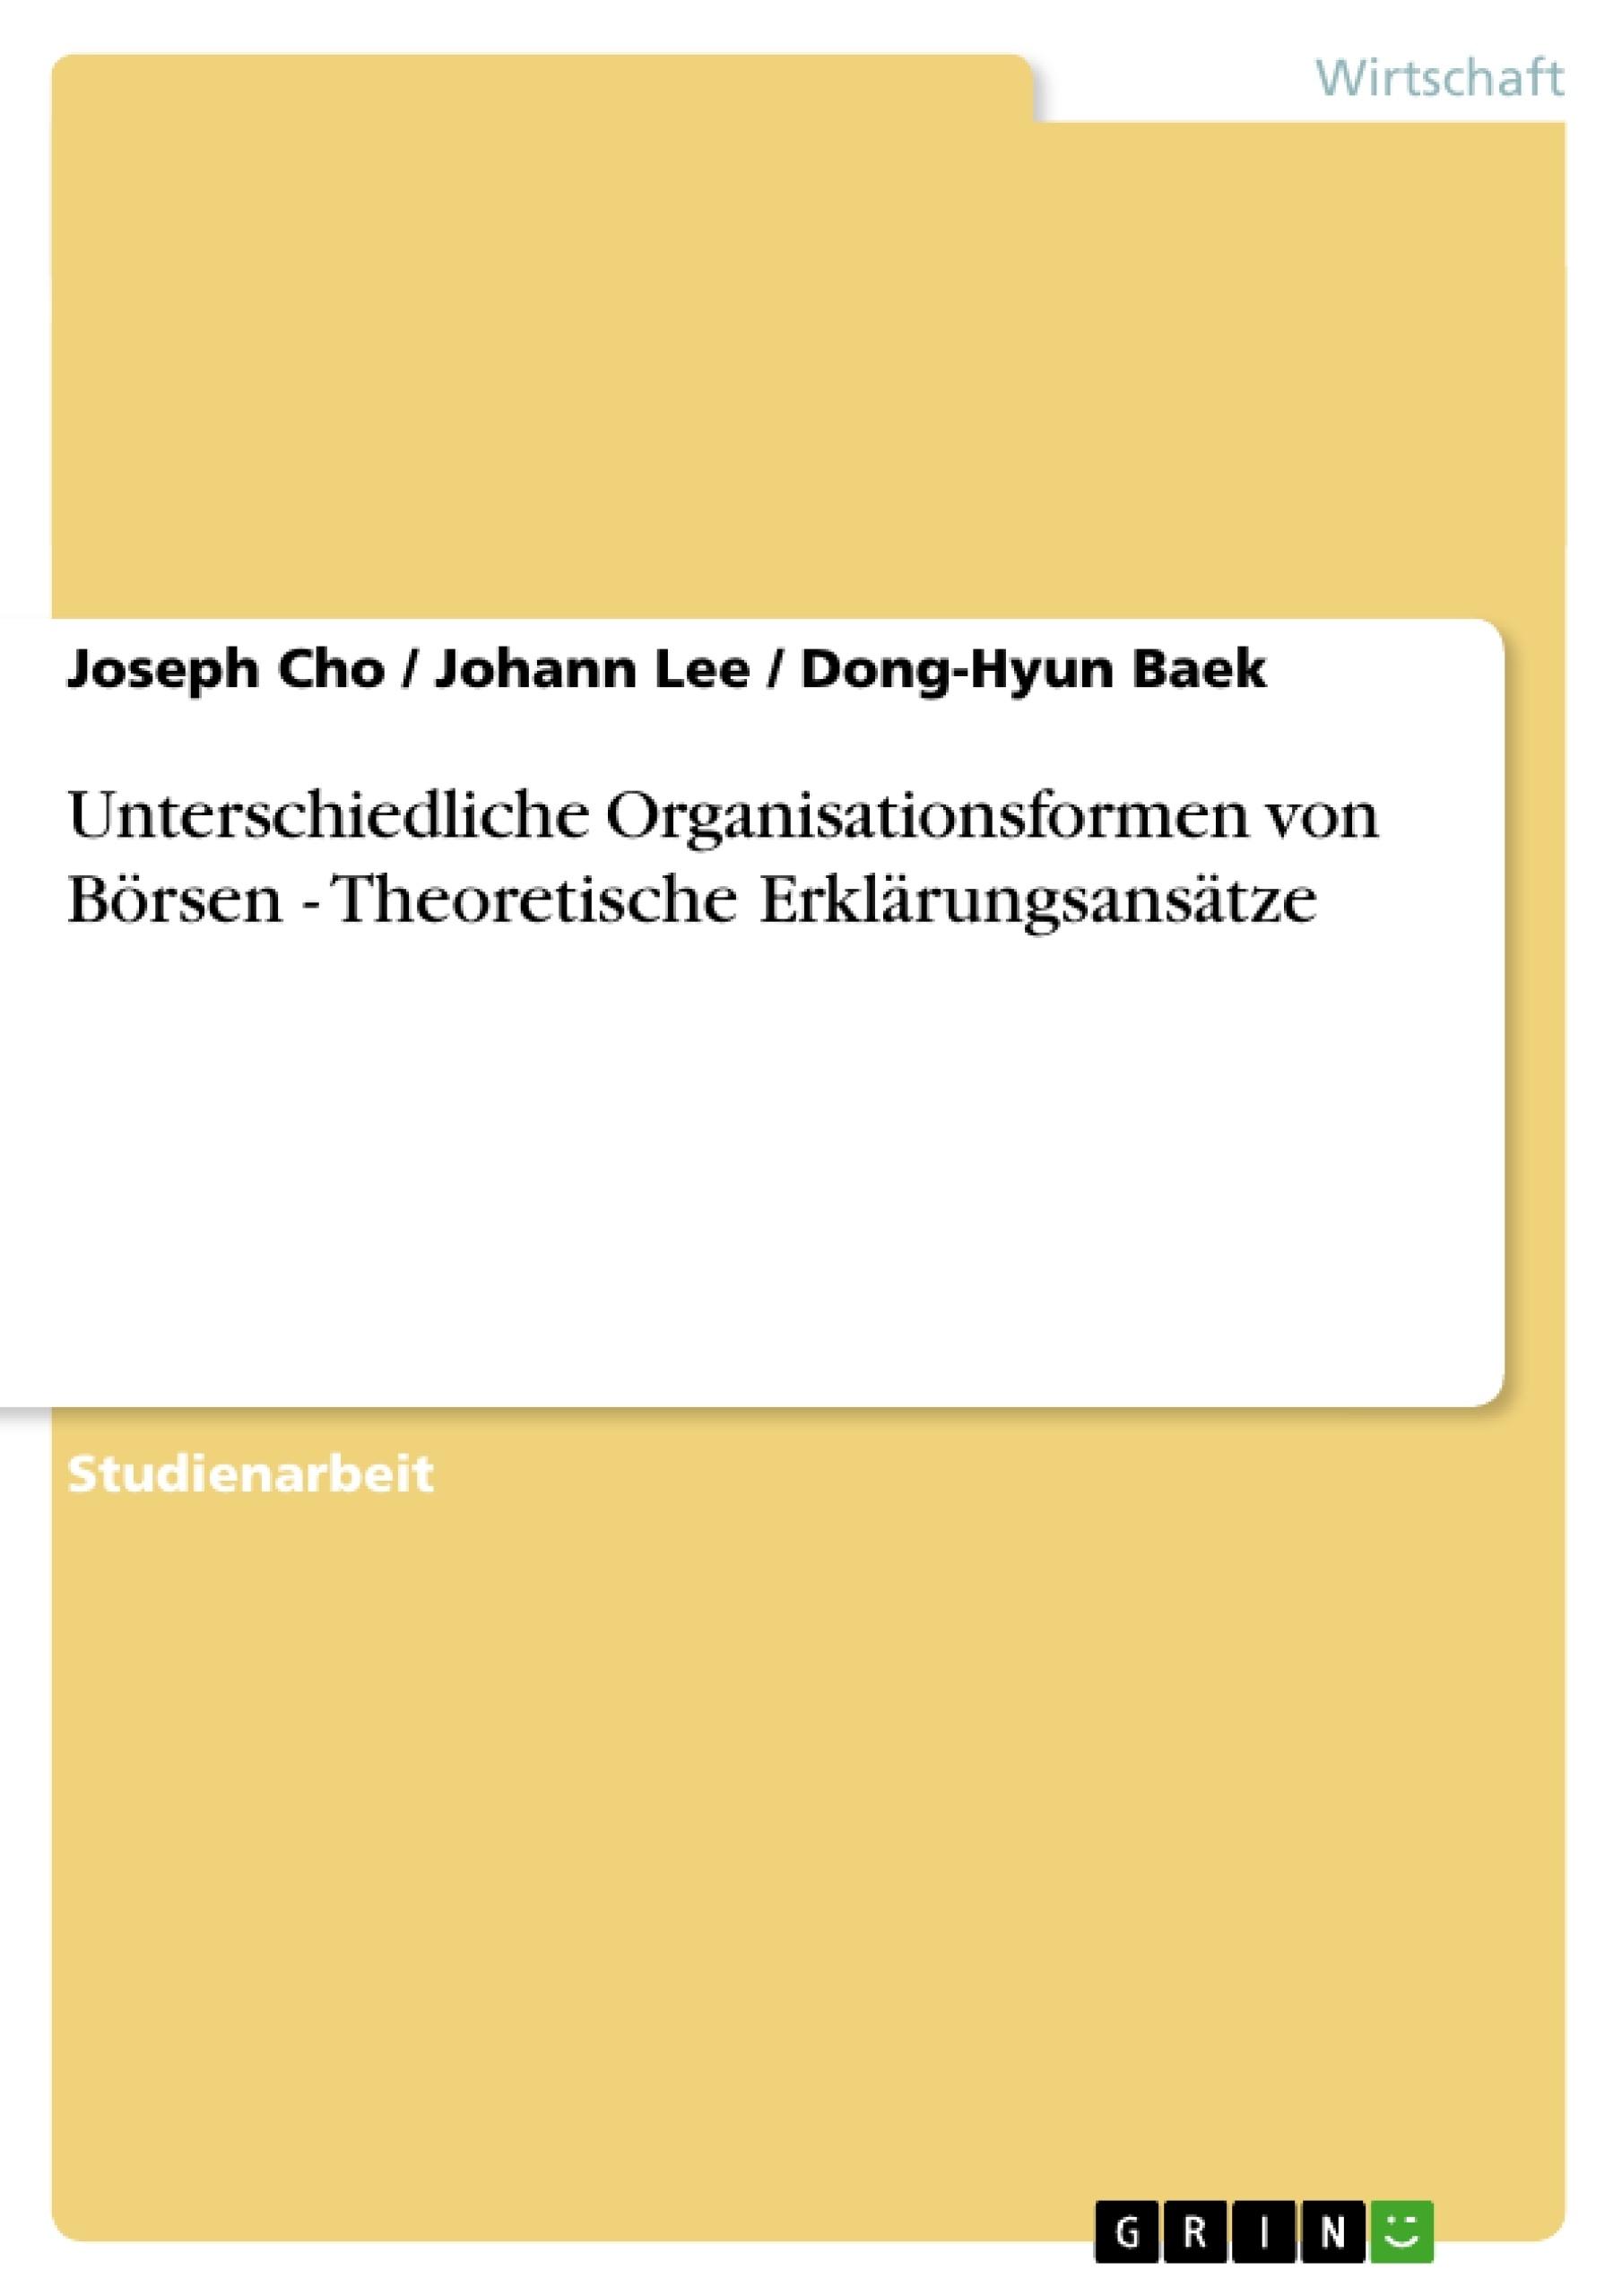 Titel: Unterschiedliche Organisationsformen von Börsen - Theoretische Erklärungsansätze